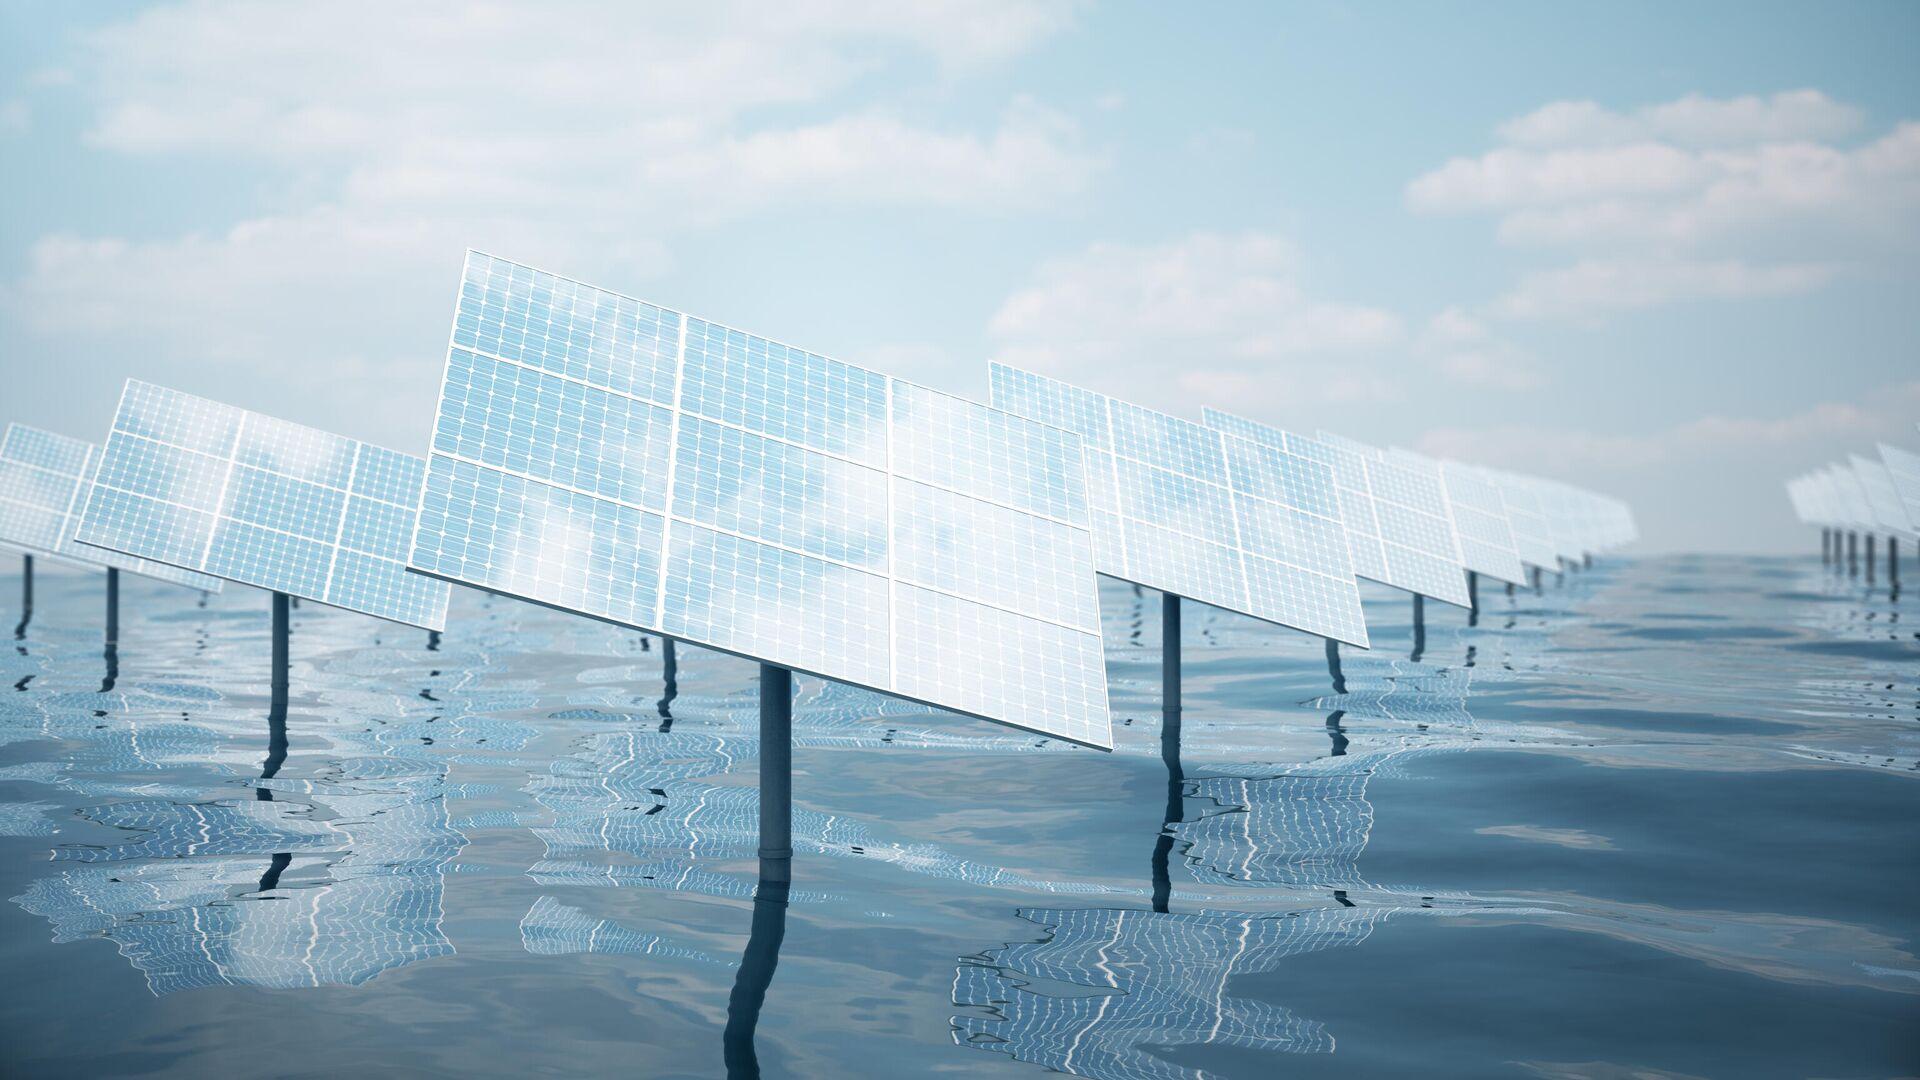 Солнечные батареи у моря  - РИА Новости, 1920, 03.06.2021